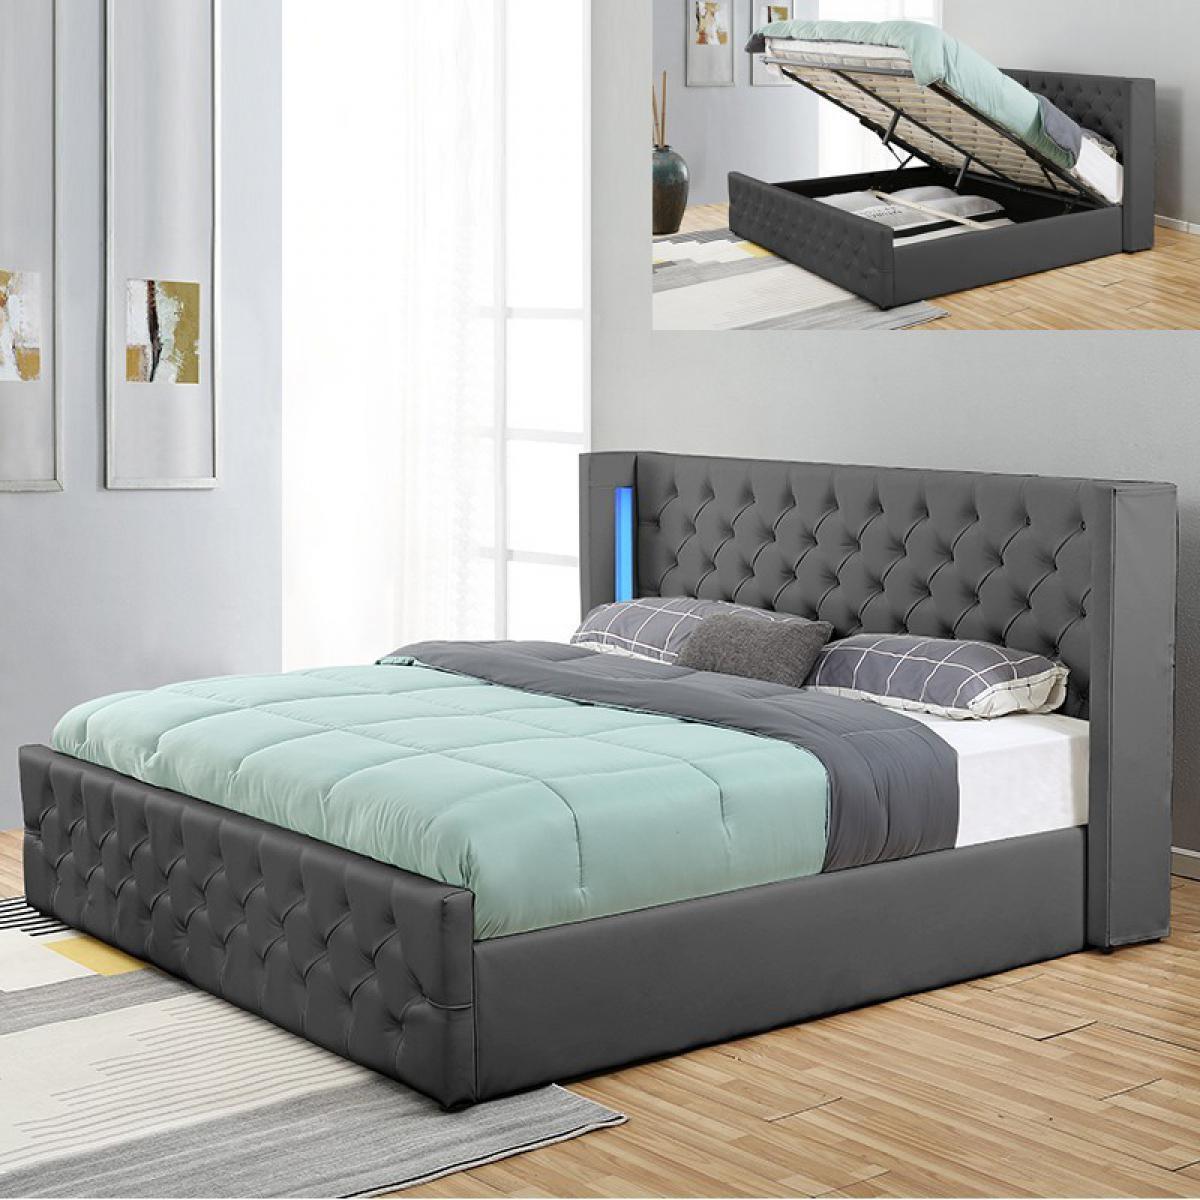 Meubler Design Lit coffre design avec led OSMOS - Gris - 160x200